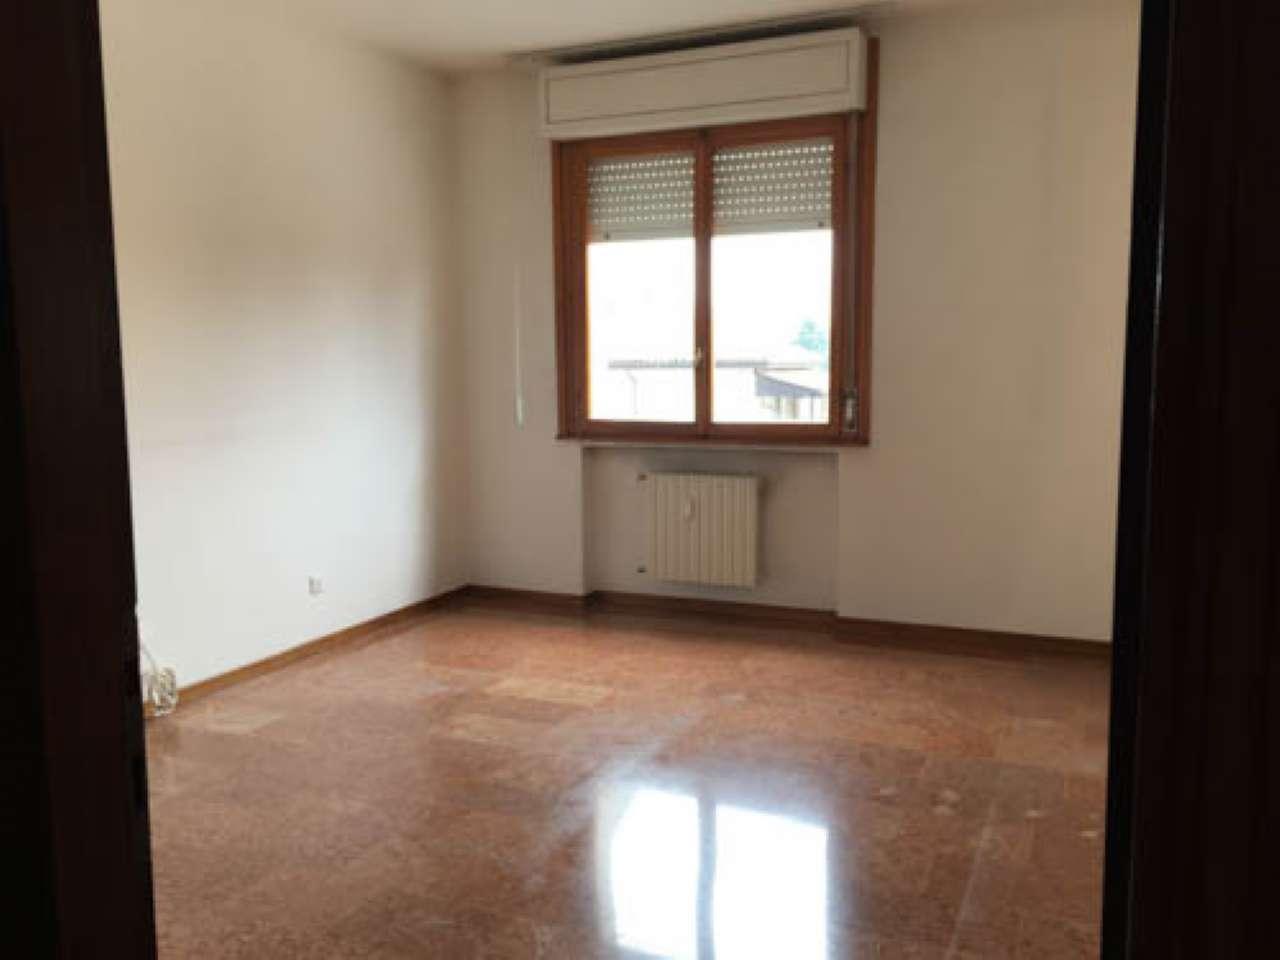 Abano Terme centro appartamento una camera ampi spazi